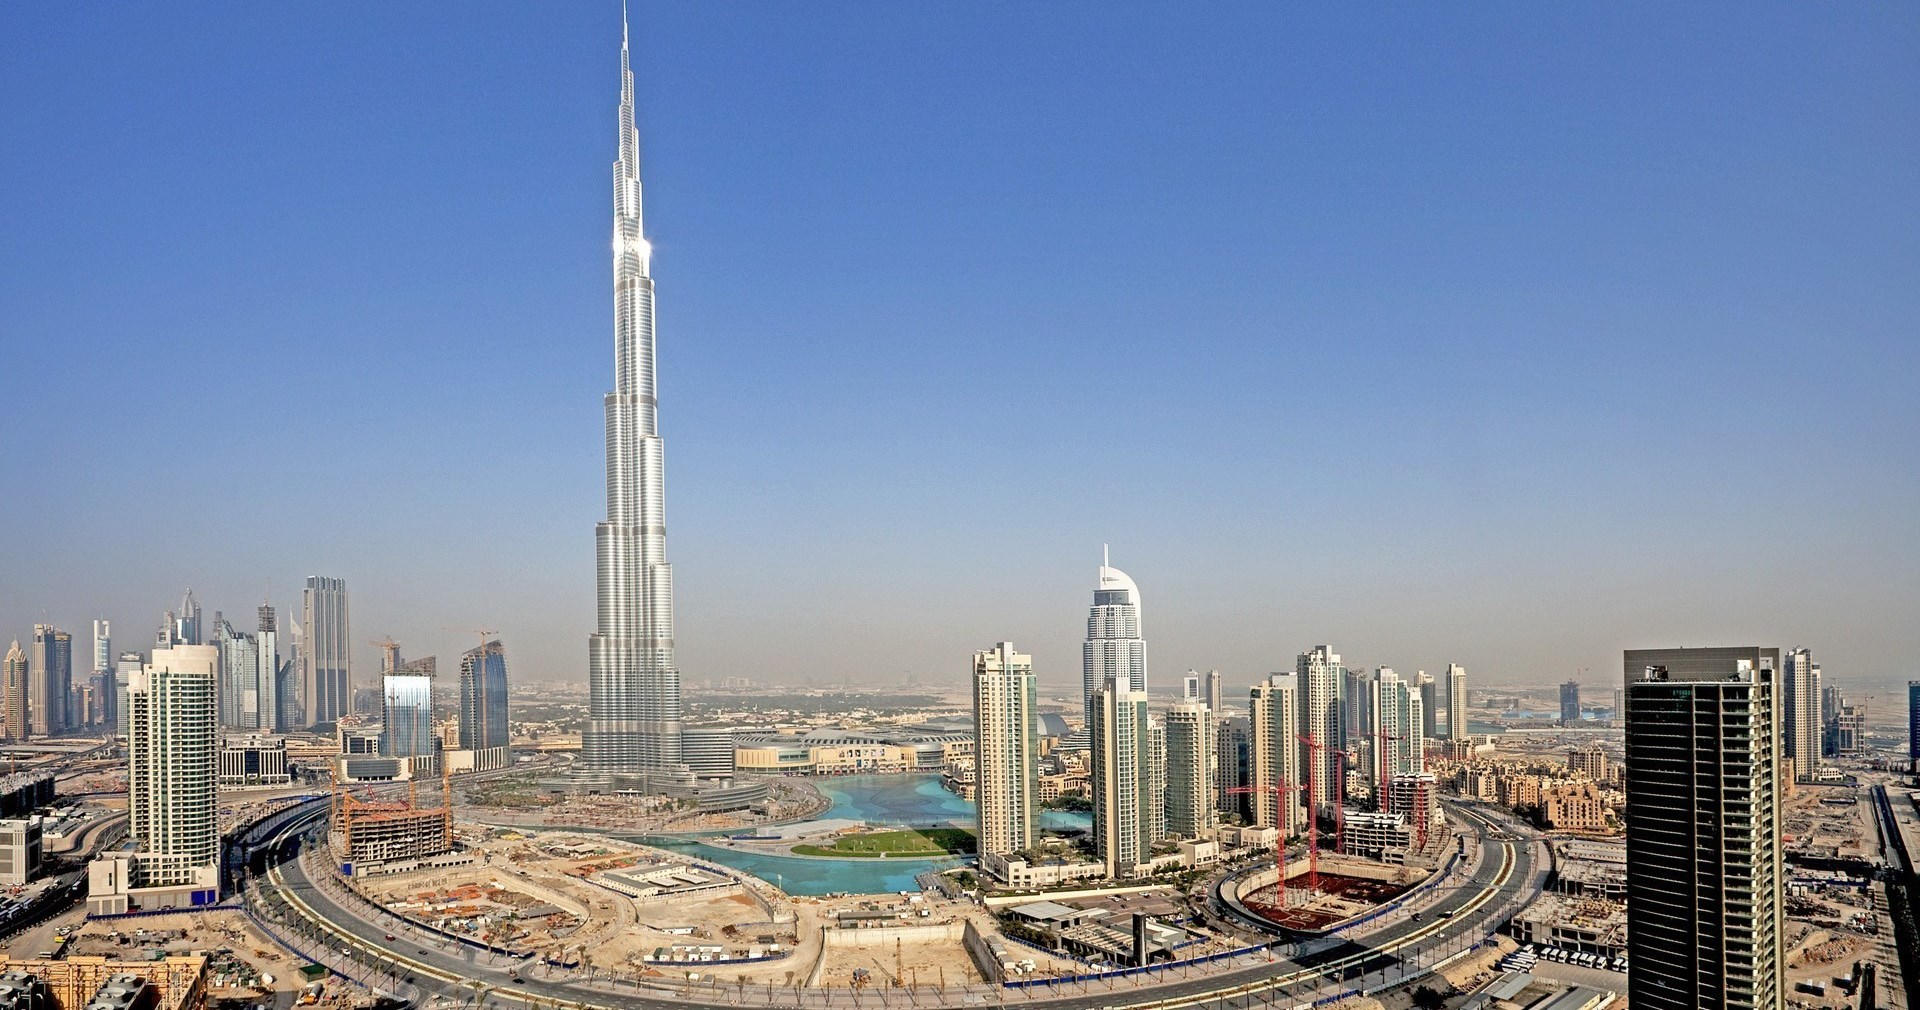 दुनिया की सबसे ऊंची इमारत बुर्ज खलीफा के बारे में About World Highest Building Burj Khalifa